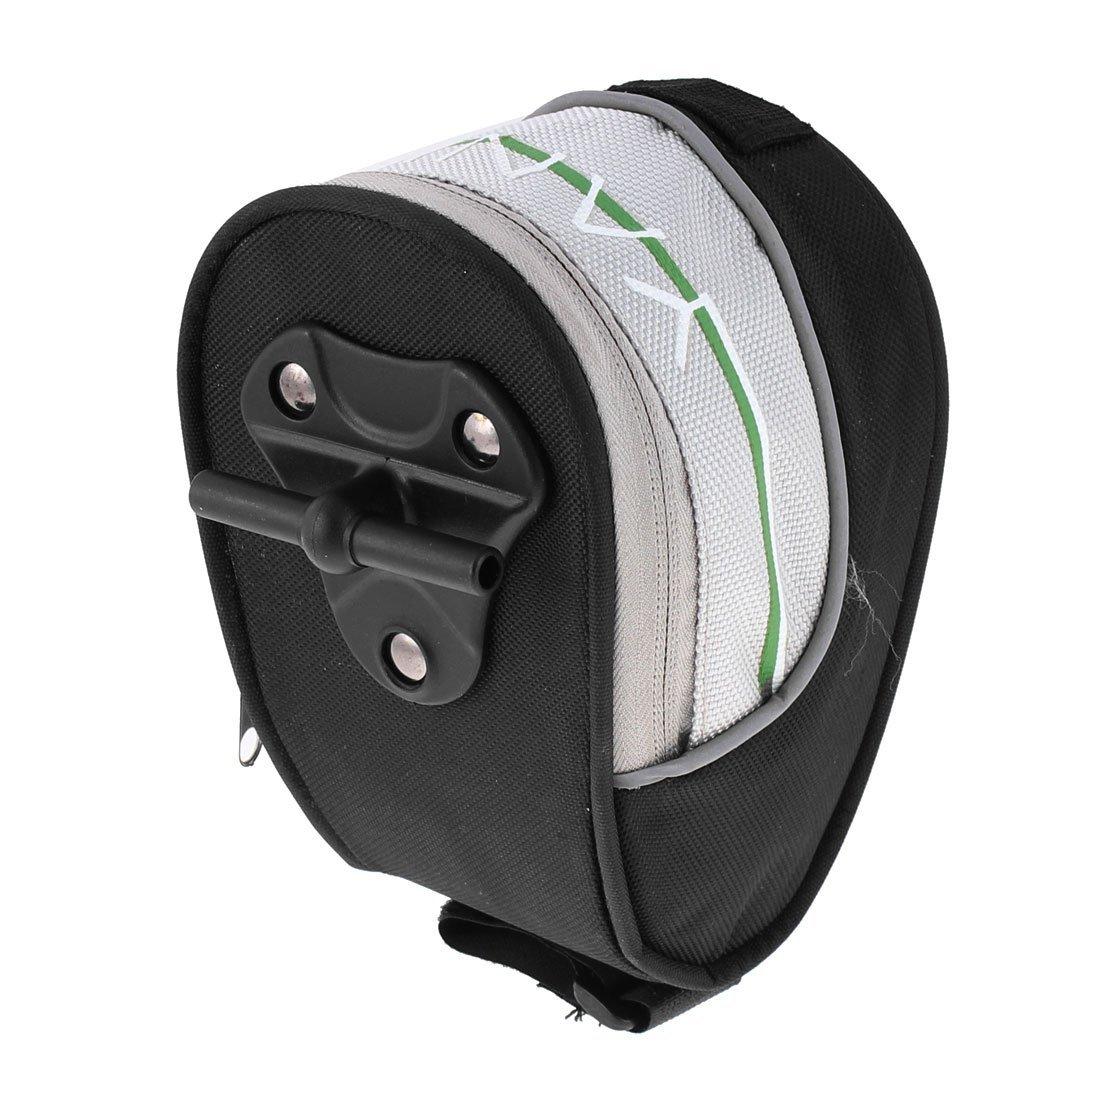 Amazon.com : eDealMax bici de la Correa de bicicletas en el asiento trasero del bolso de la Bolsa de la Silla de montar de la cola : Sports & Outdoors